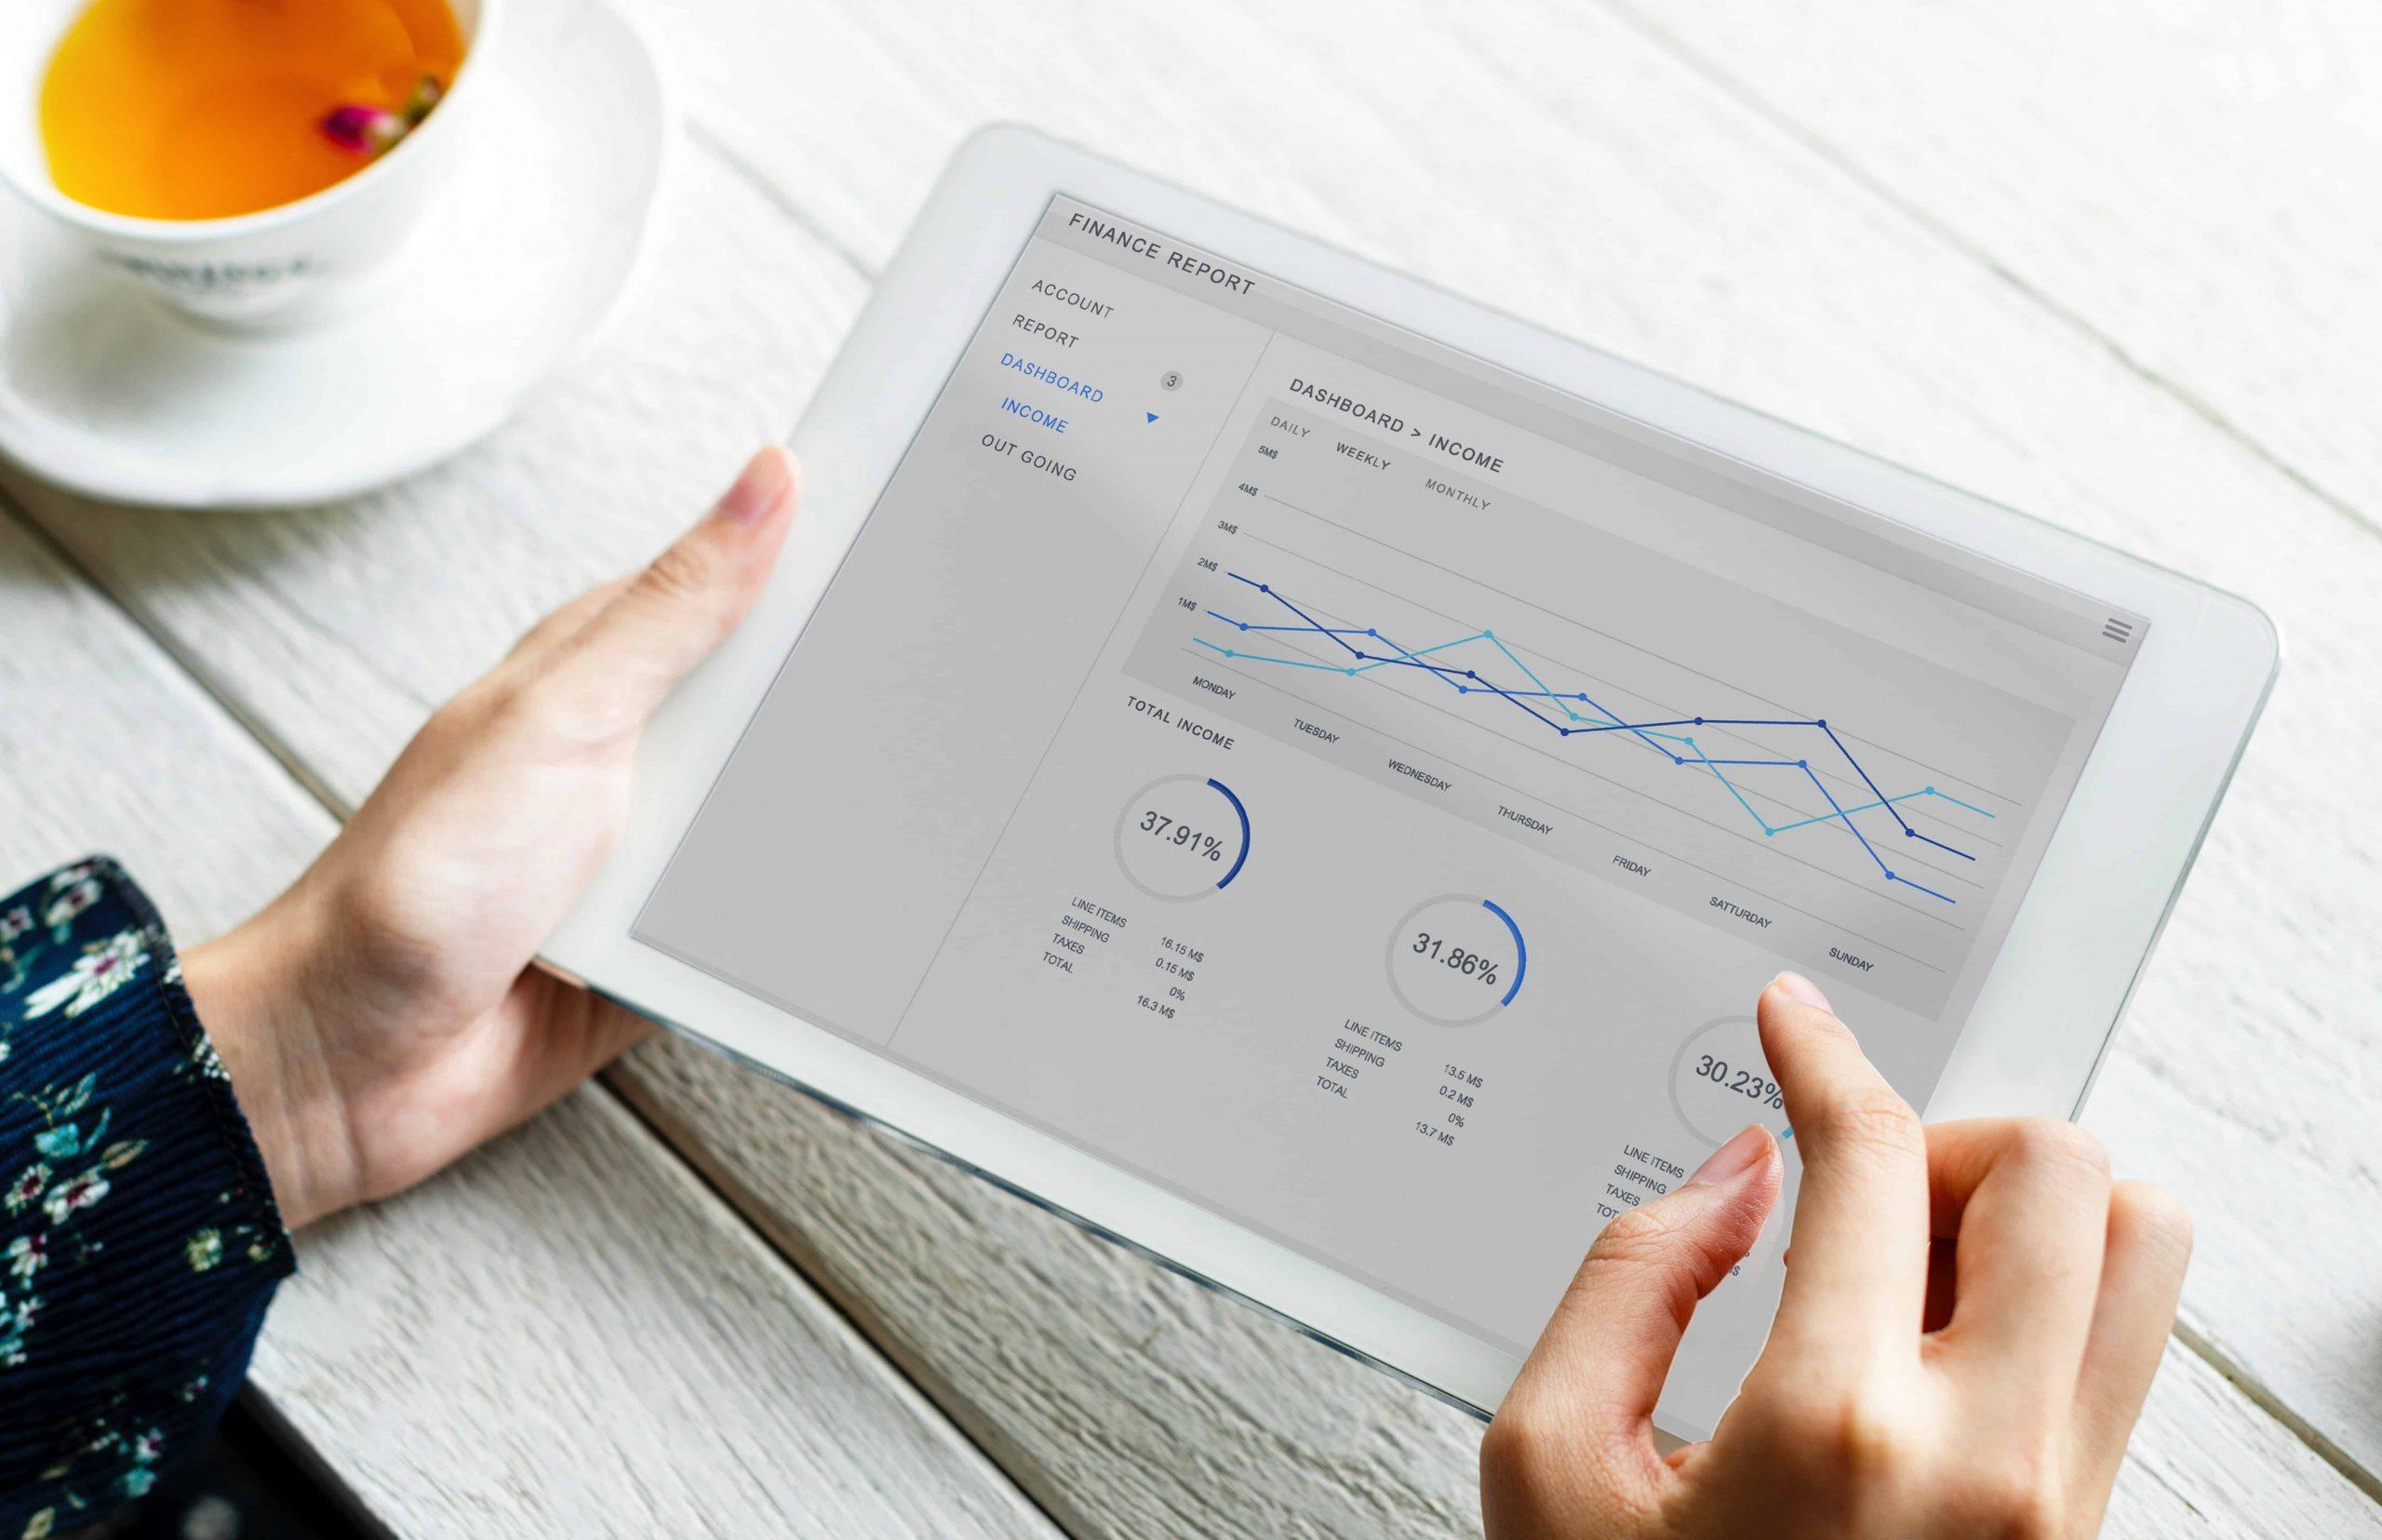 Foto das mãos de uma pessoa segurando um tablet branco, que mostra números e estatísticas. Ao lado, uma xícara com chá em tom alaranjado.